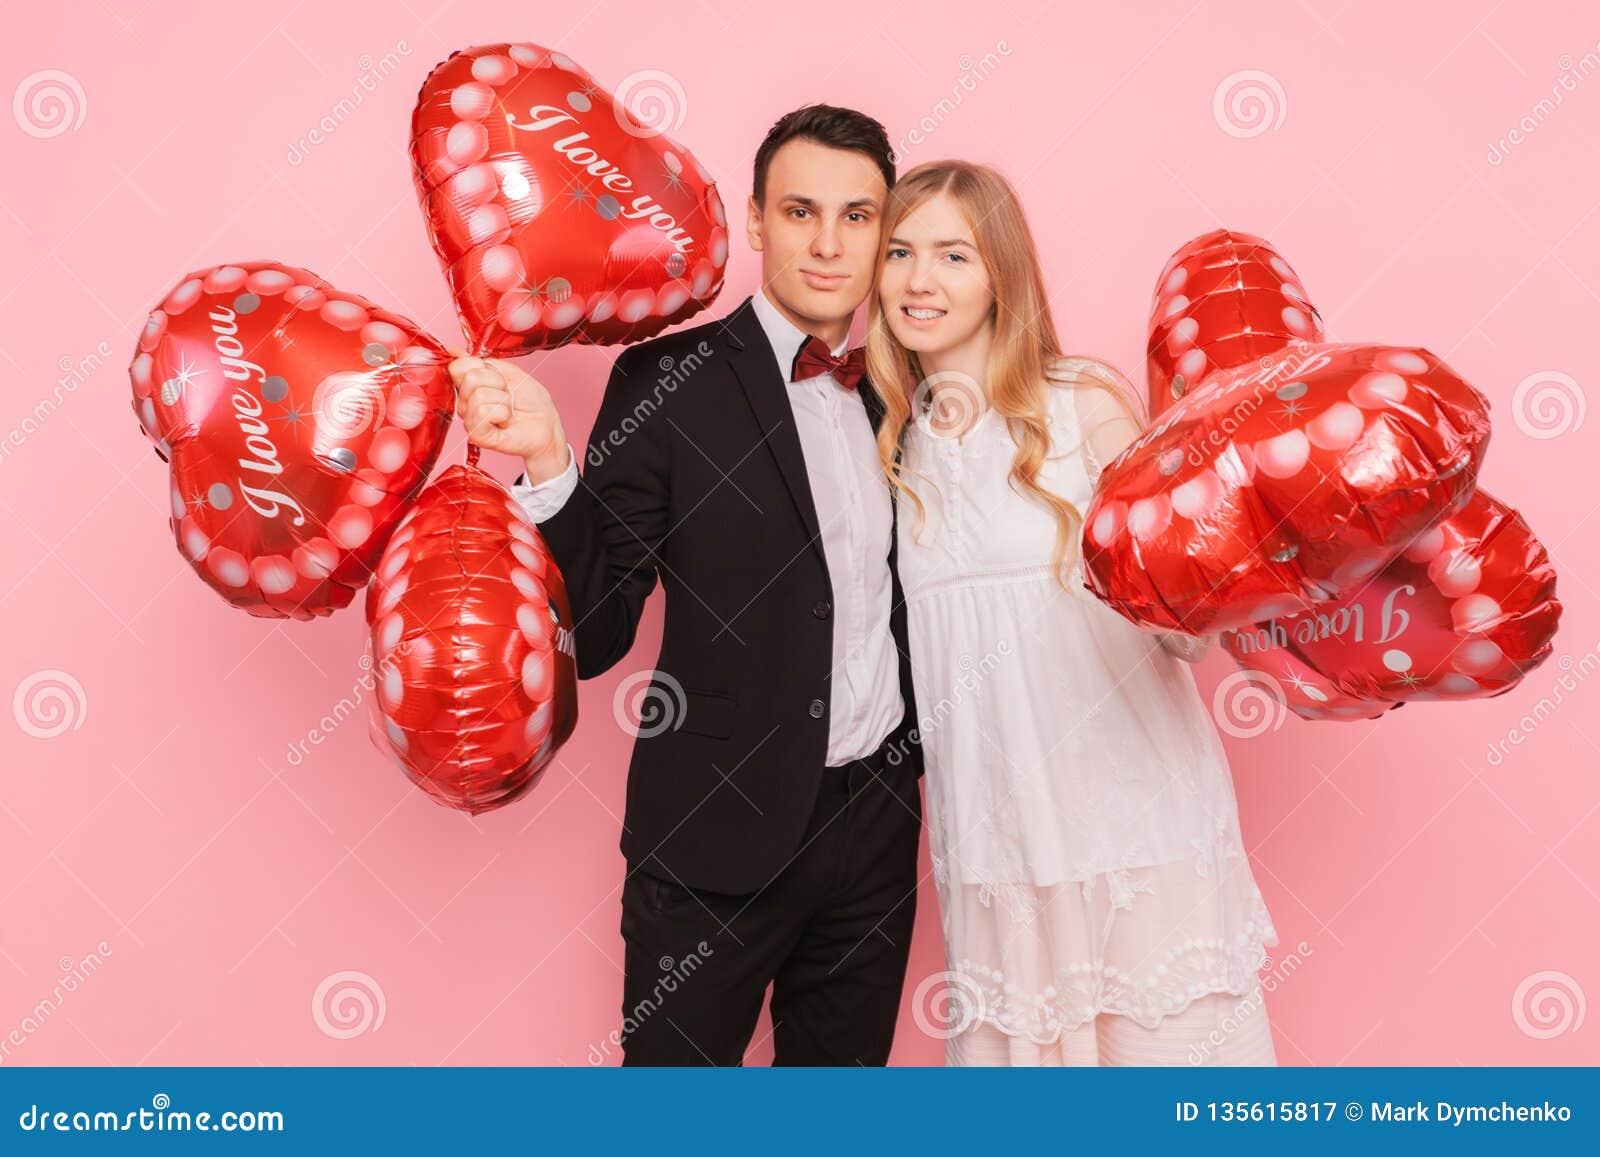 Een houdend van paar, een man en een vrouw, die hart-vormige ballons, in een studio op een roze achtergrond houden, concept voor